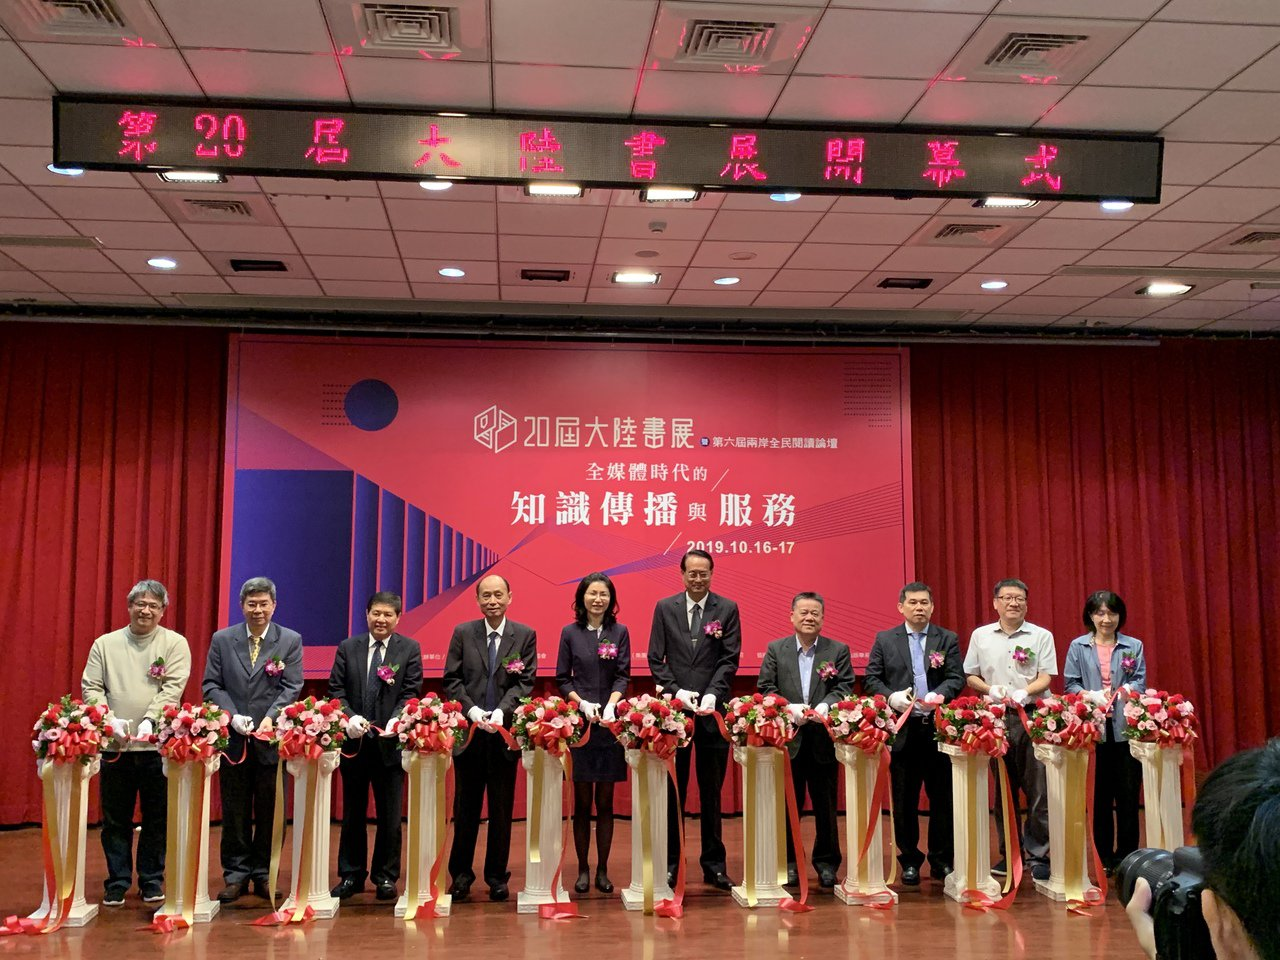 今年的第20屆大陸書展在臺開展並於10月16日舉行盛大的開幕儀式。(圖/華品文創...